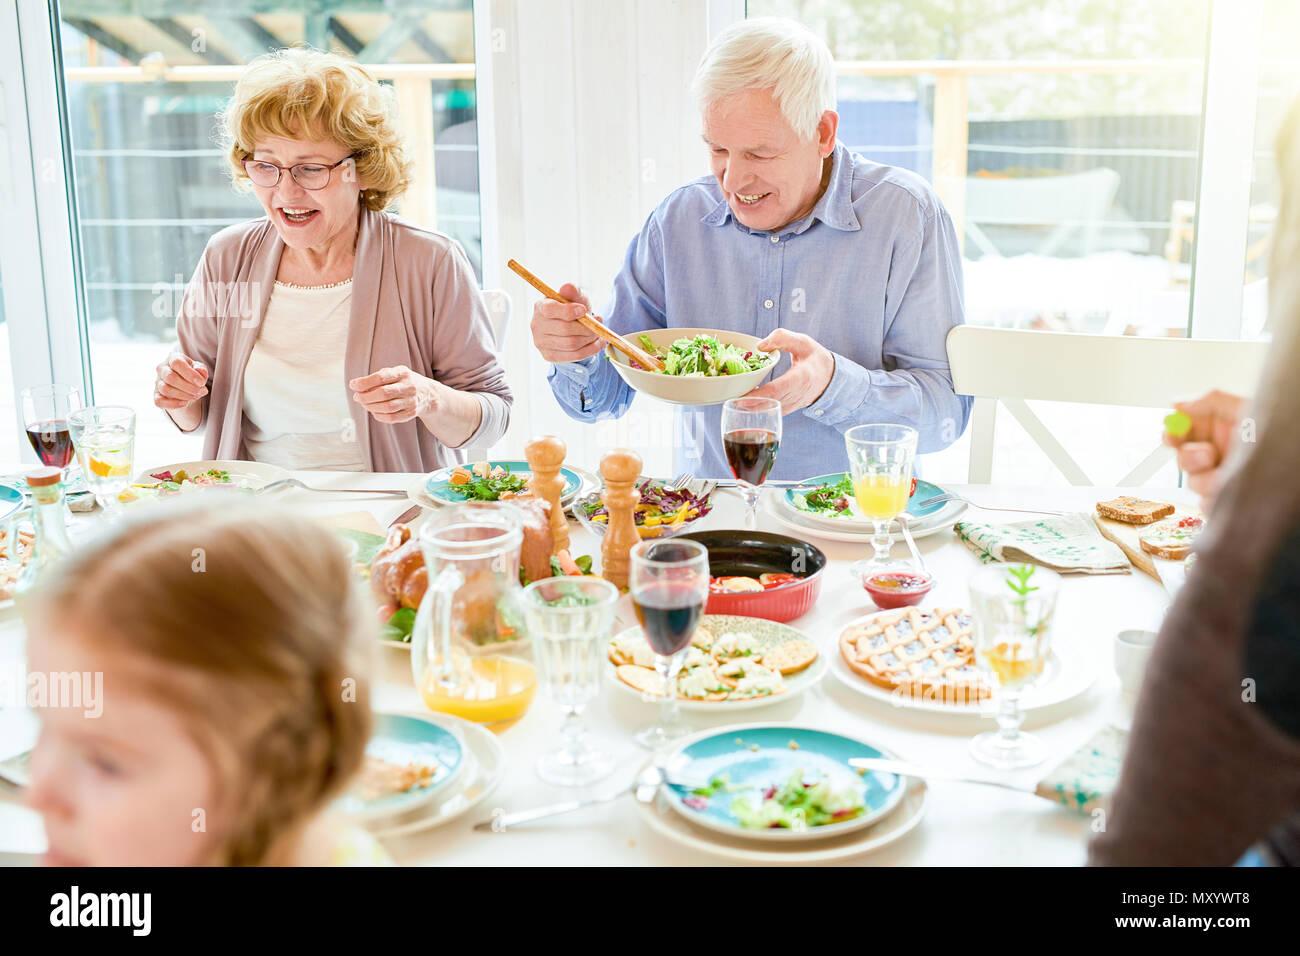 Portrait von Happy Family sie das Abendessen zusammen zu sitzen, die festlichen Tisch mit leckeren Gerichten, Focus zwei Großeltern, Kopie Raum Stockbild